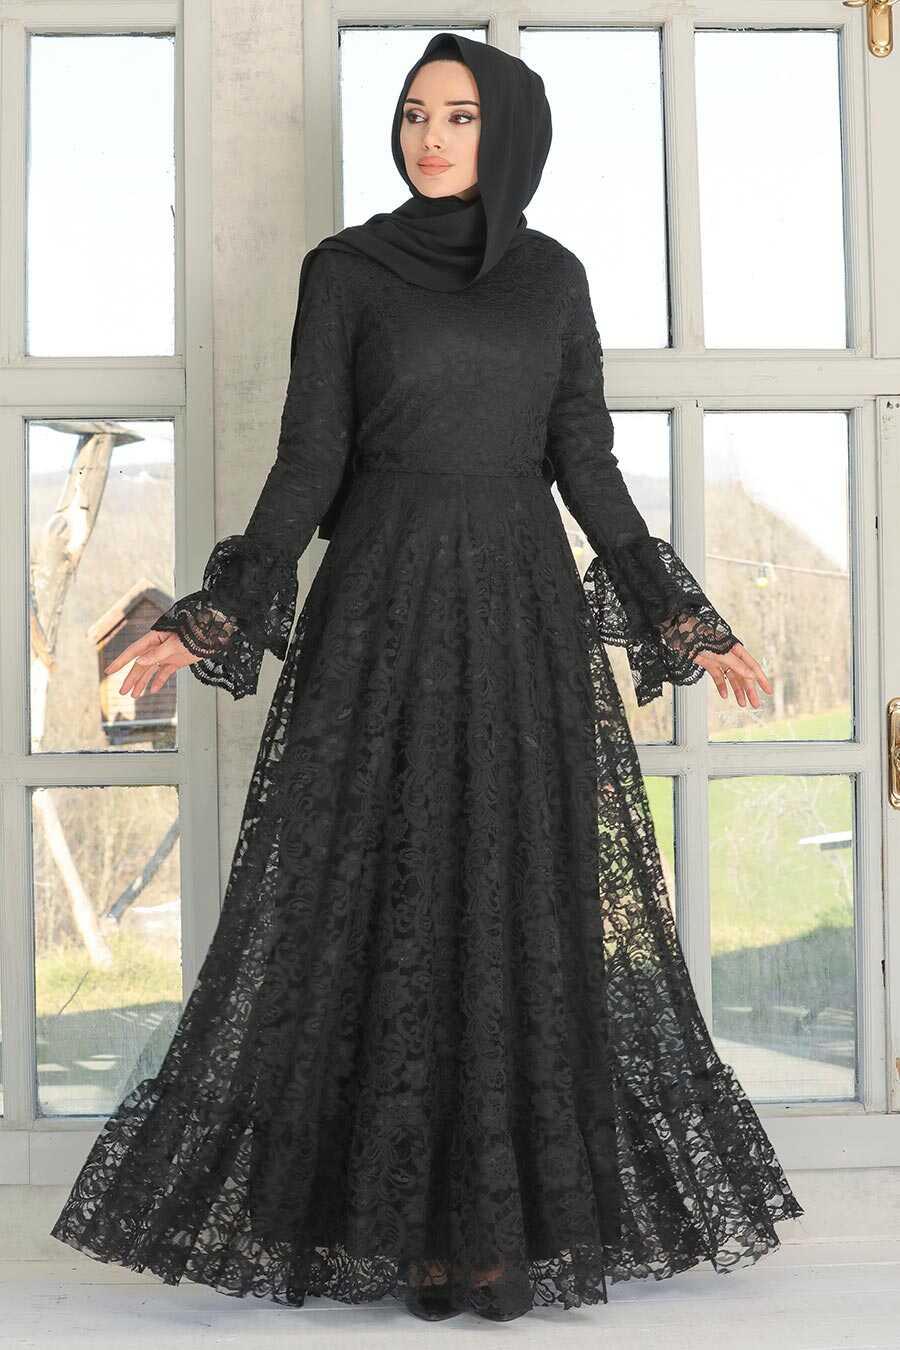 Black Hijab Evening Dress 5476S